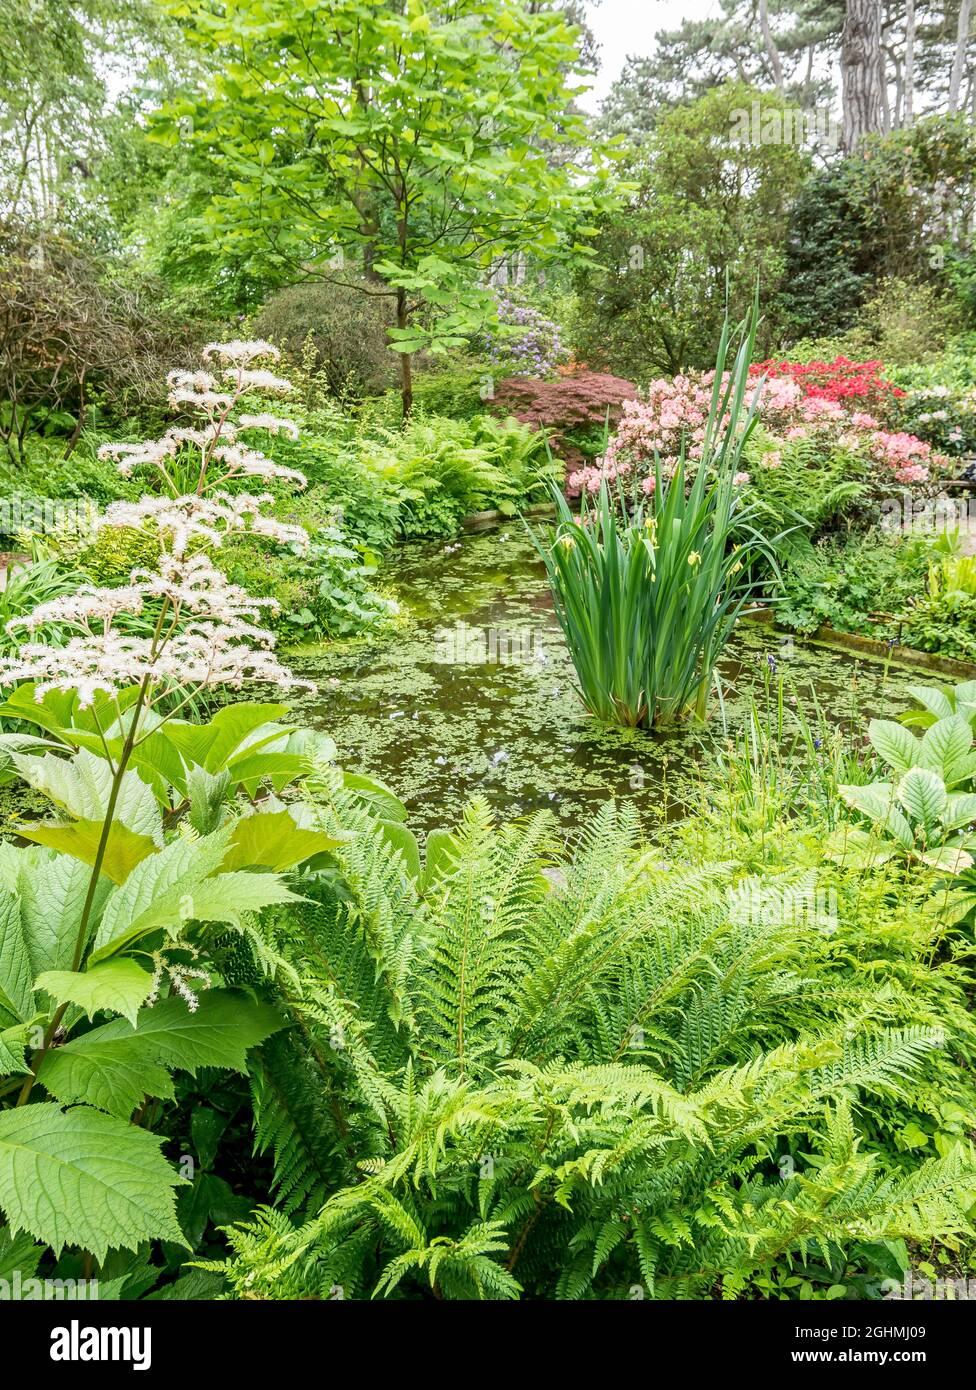 Jardin aquatique, Rhododendron 'Horizon Monarch', Rhododendrons 'Tiziano Beauty', Parc Floral de Vincennes, París, Francia Foto de stock